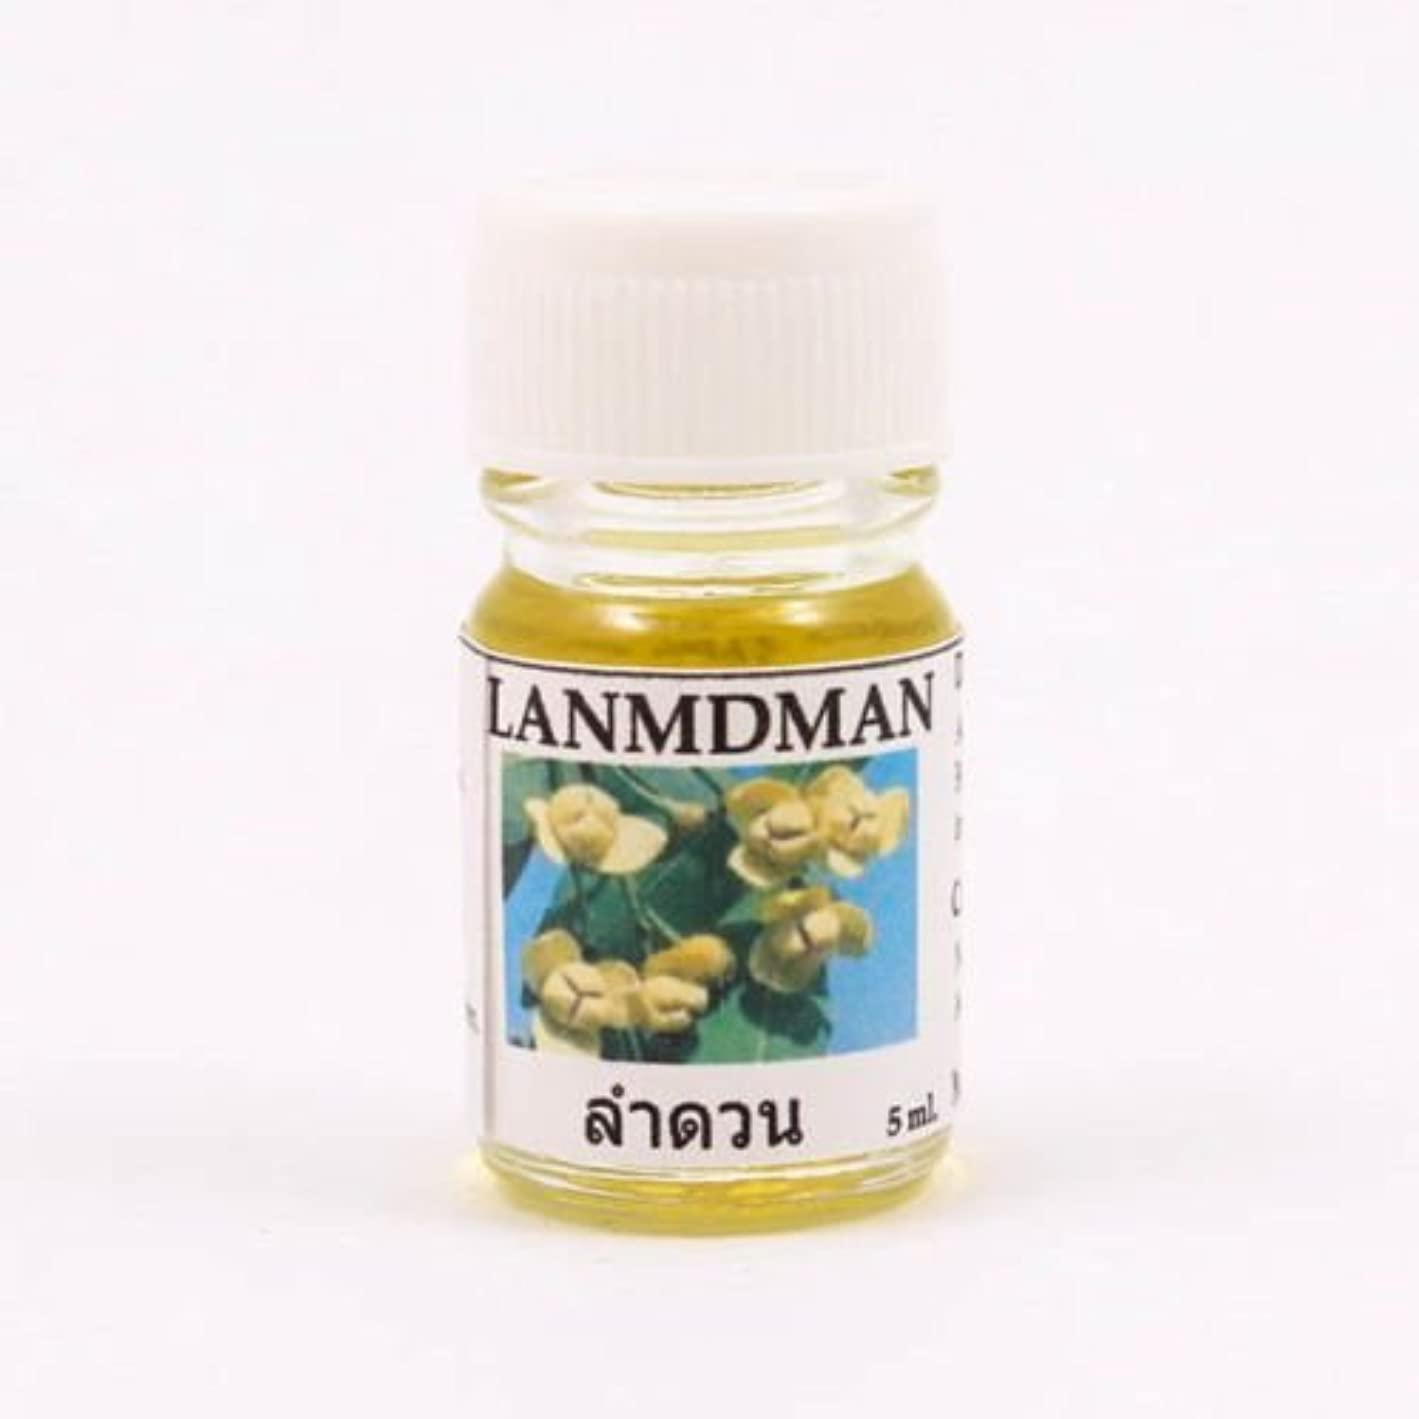 息を切らして減らすいたずらな6X Lanmdman Aroma Fragrance Essential Oil 5ML. cc Diffuser Burner Therapy